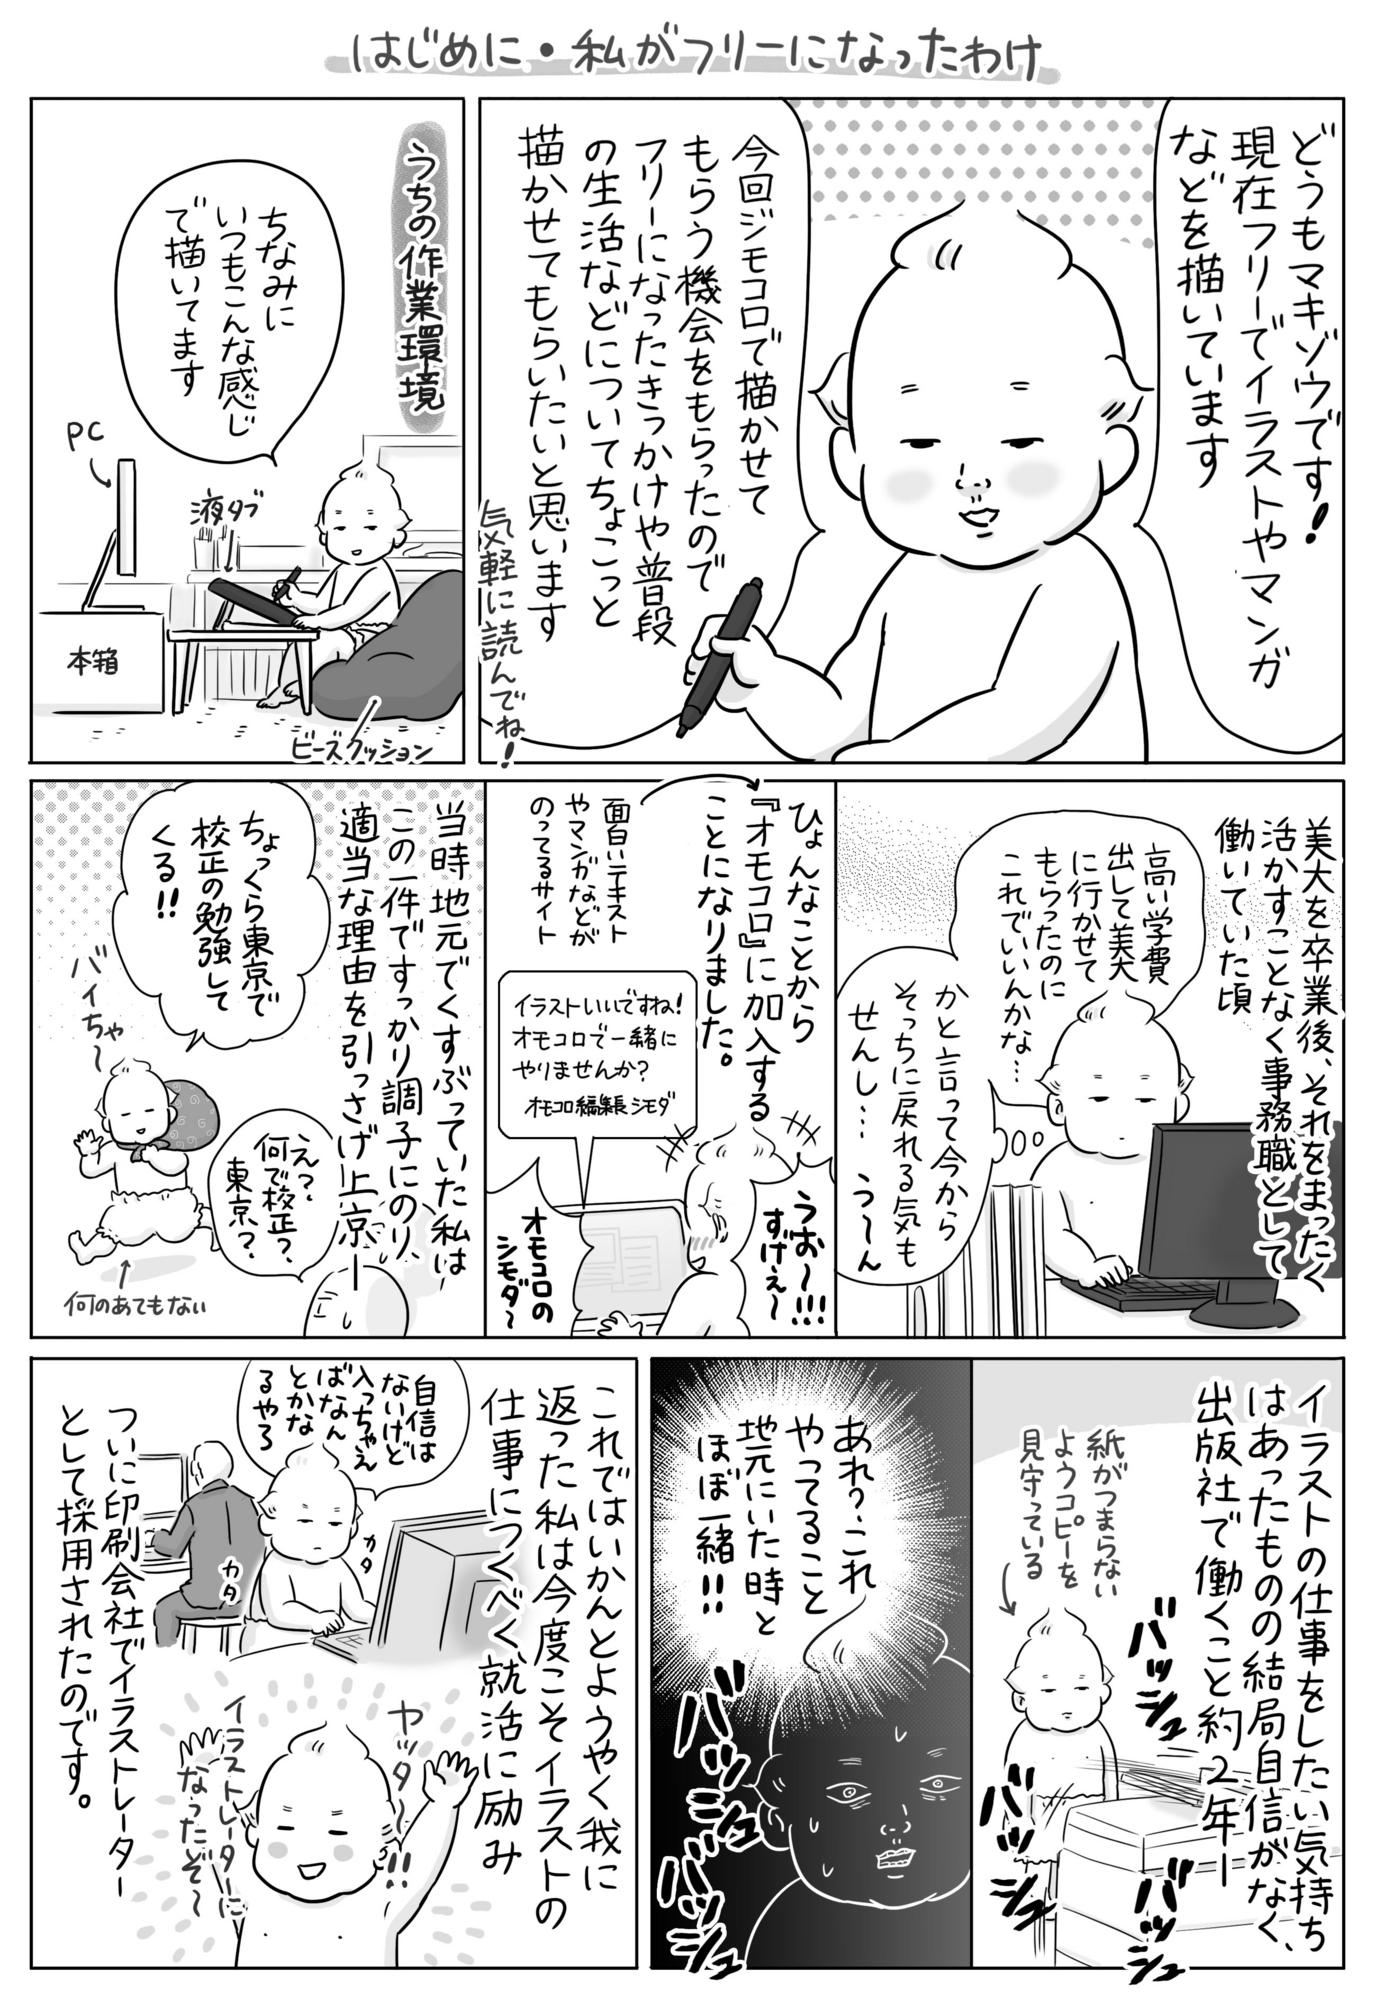 f:id:kakijiro:20160208145353j:plain